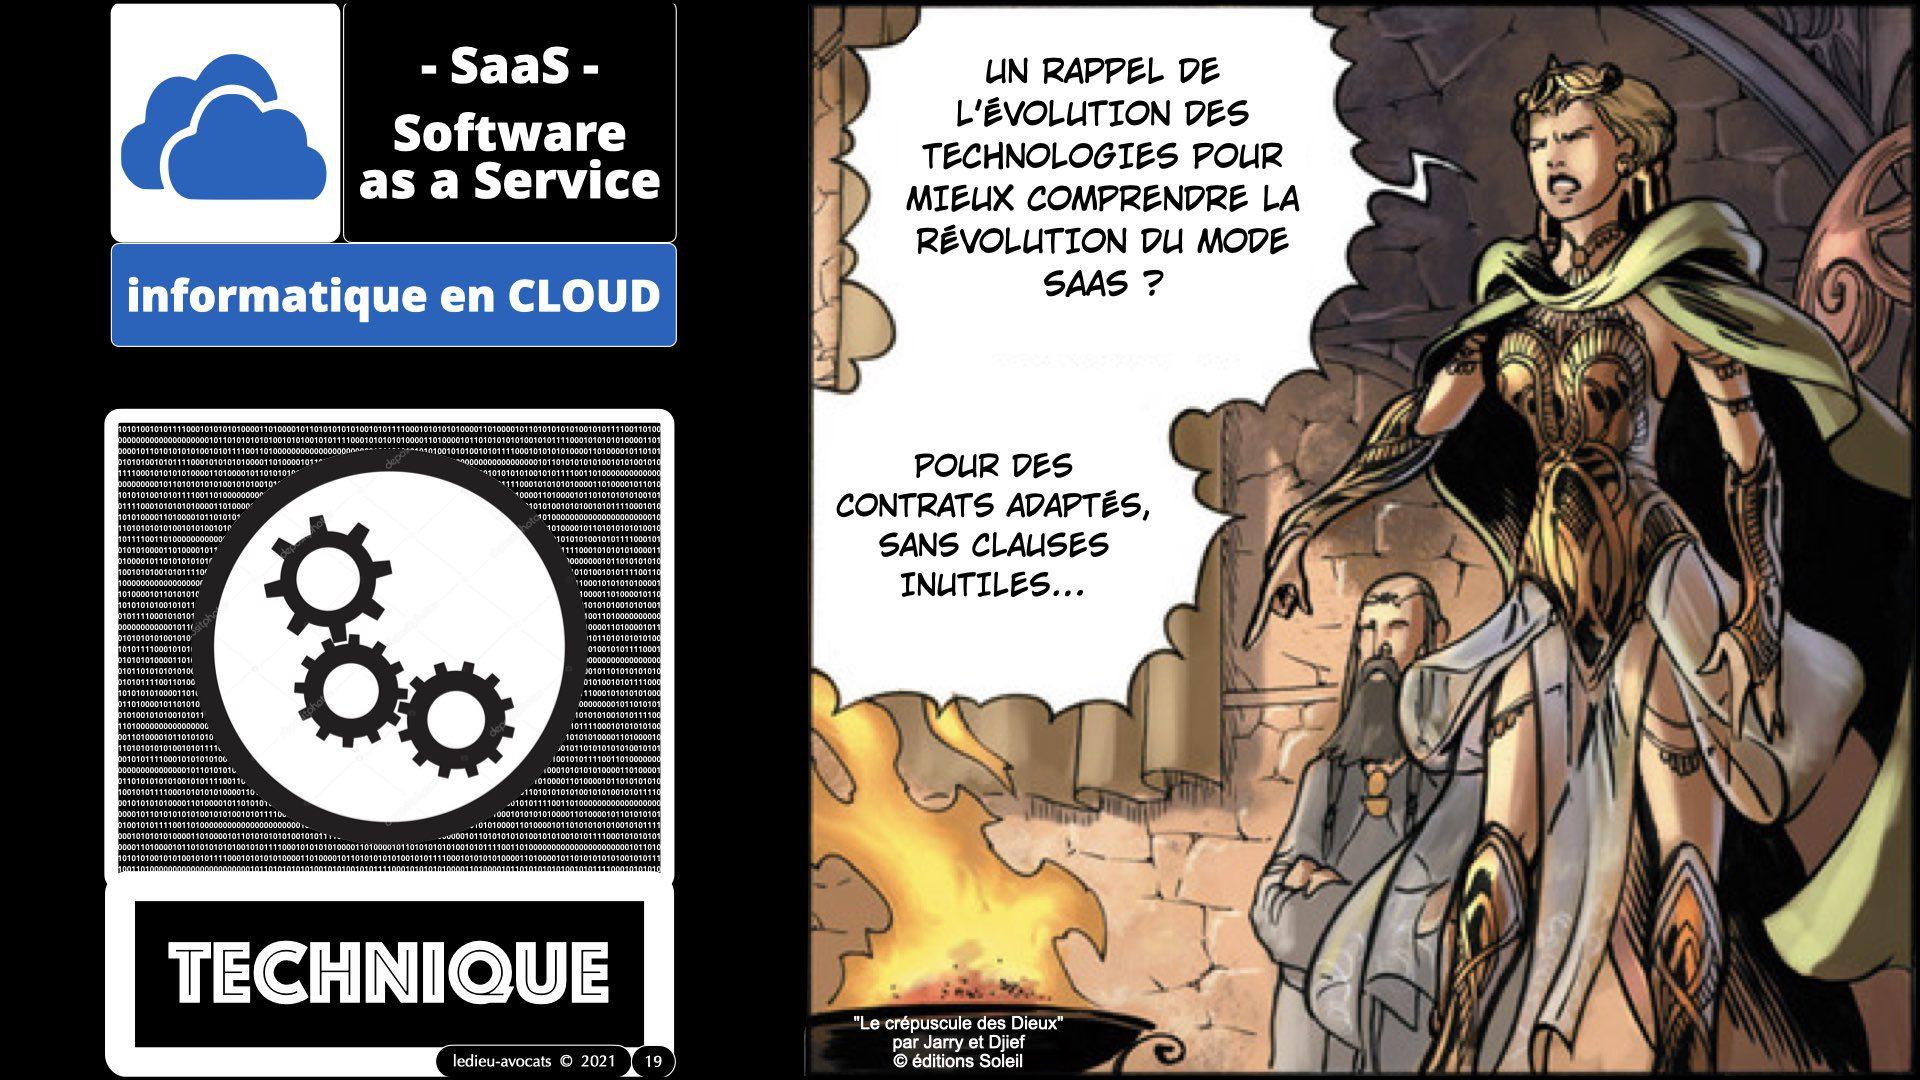 343 service LOGICIEL SaaS Software-as-a-Service cloud computing © Ledieu-Avocats technique droit numerique 30-08-2021.019